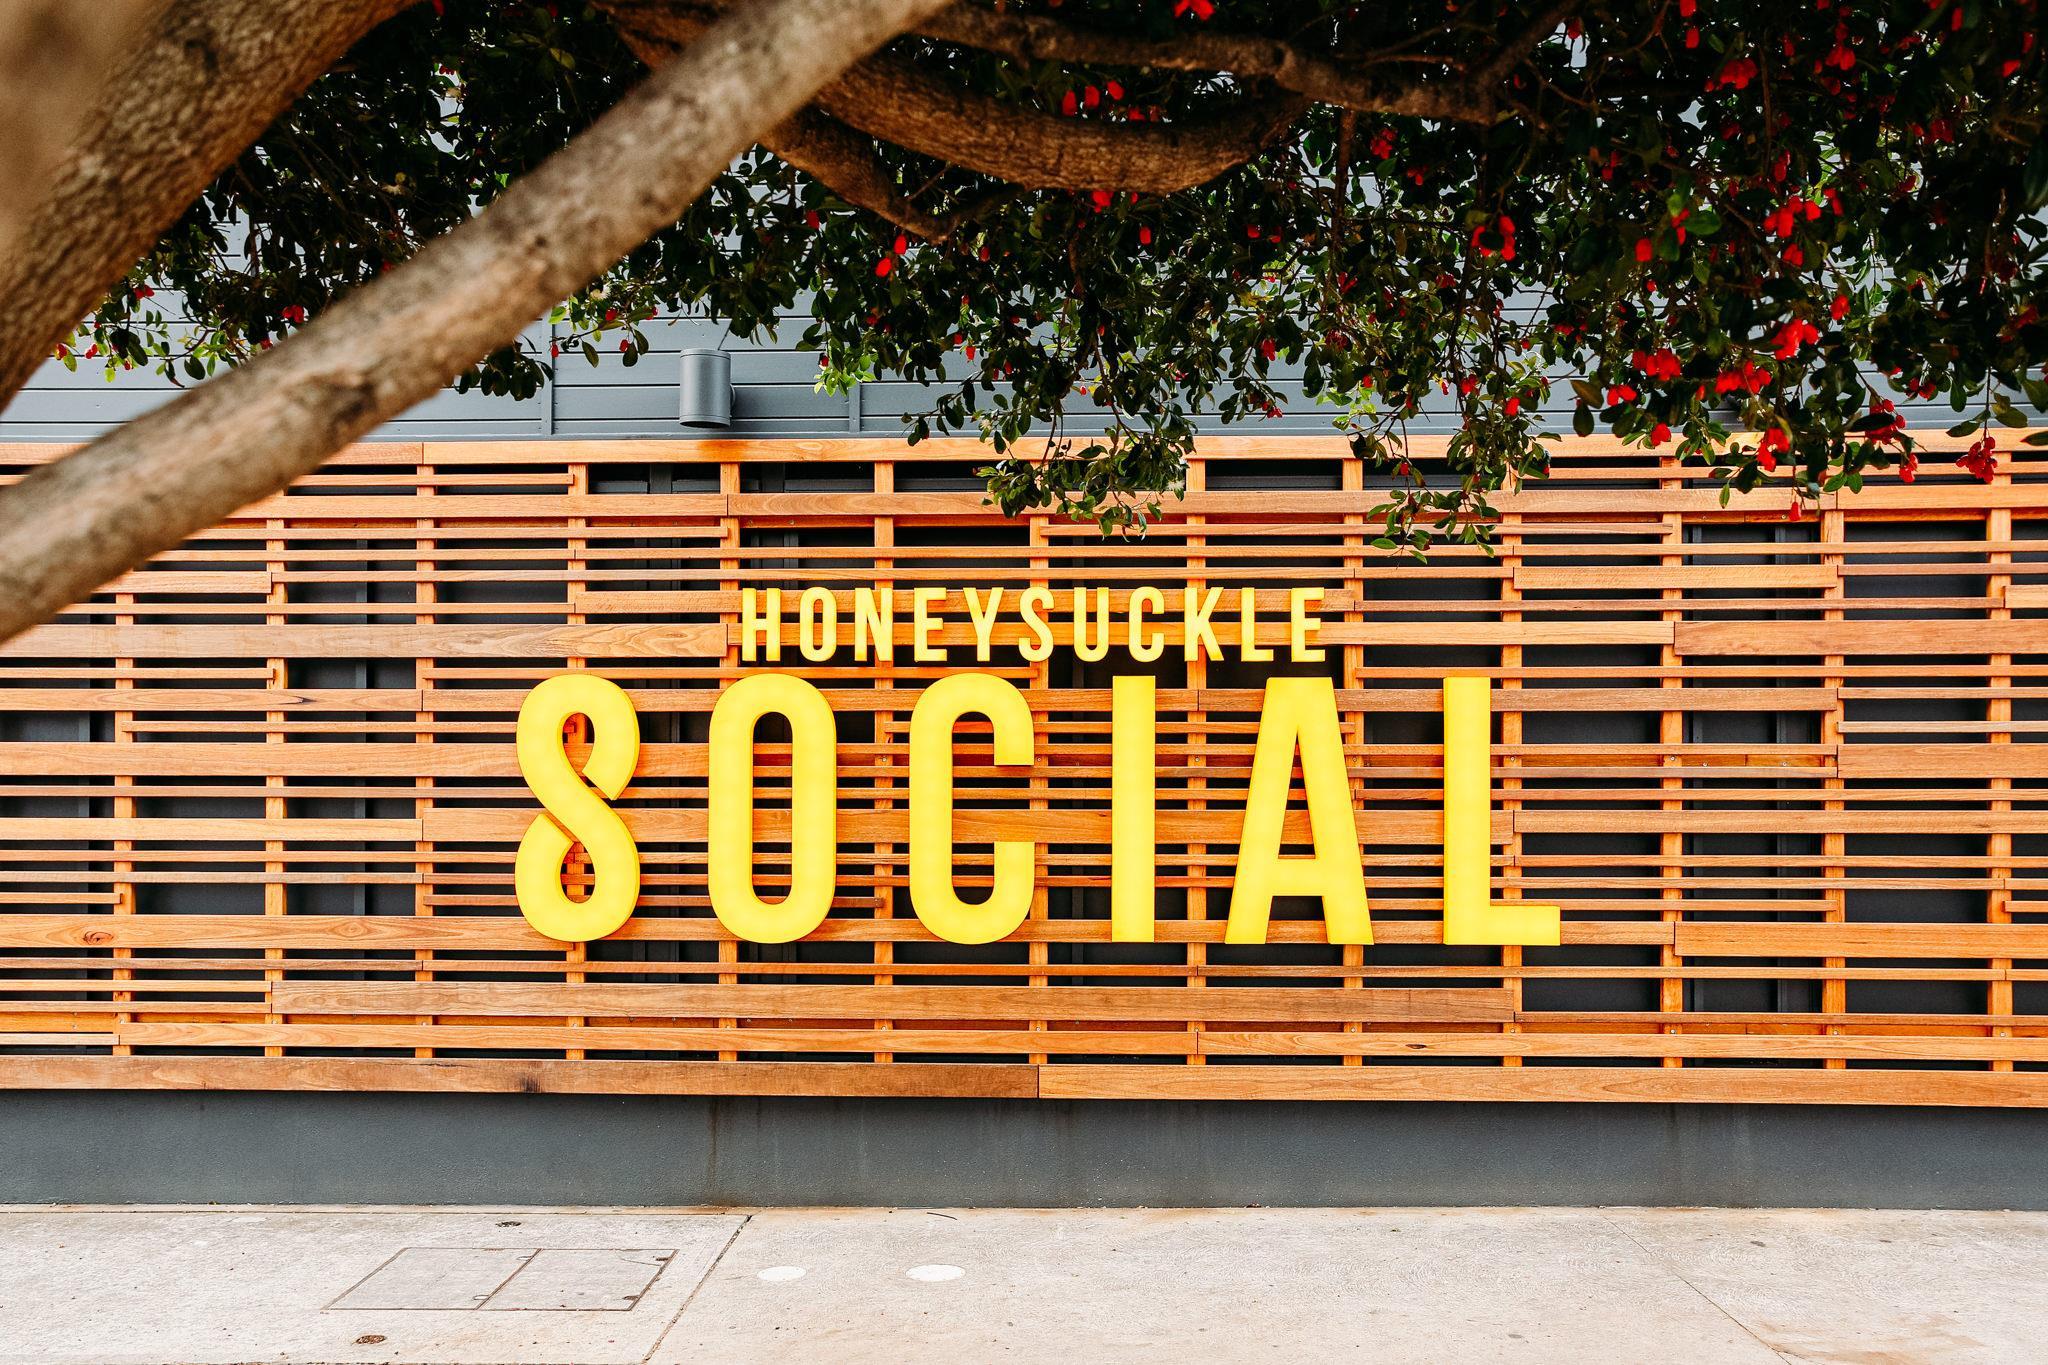 Honeysuckle SOCIAL